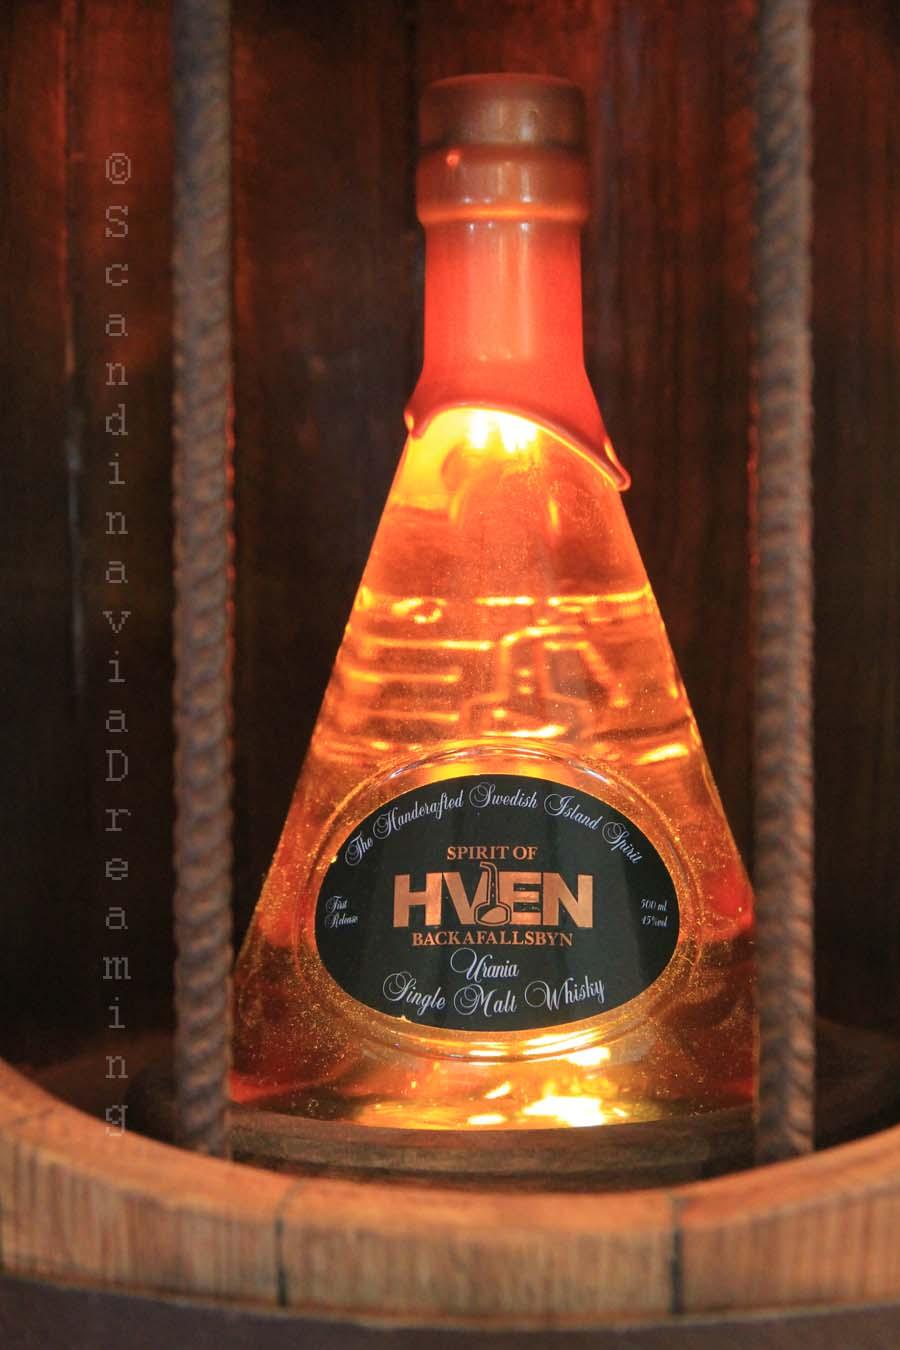 Bouteille d'eau-de-vie de Hven